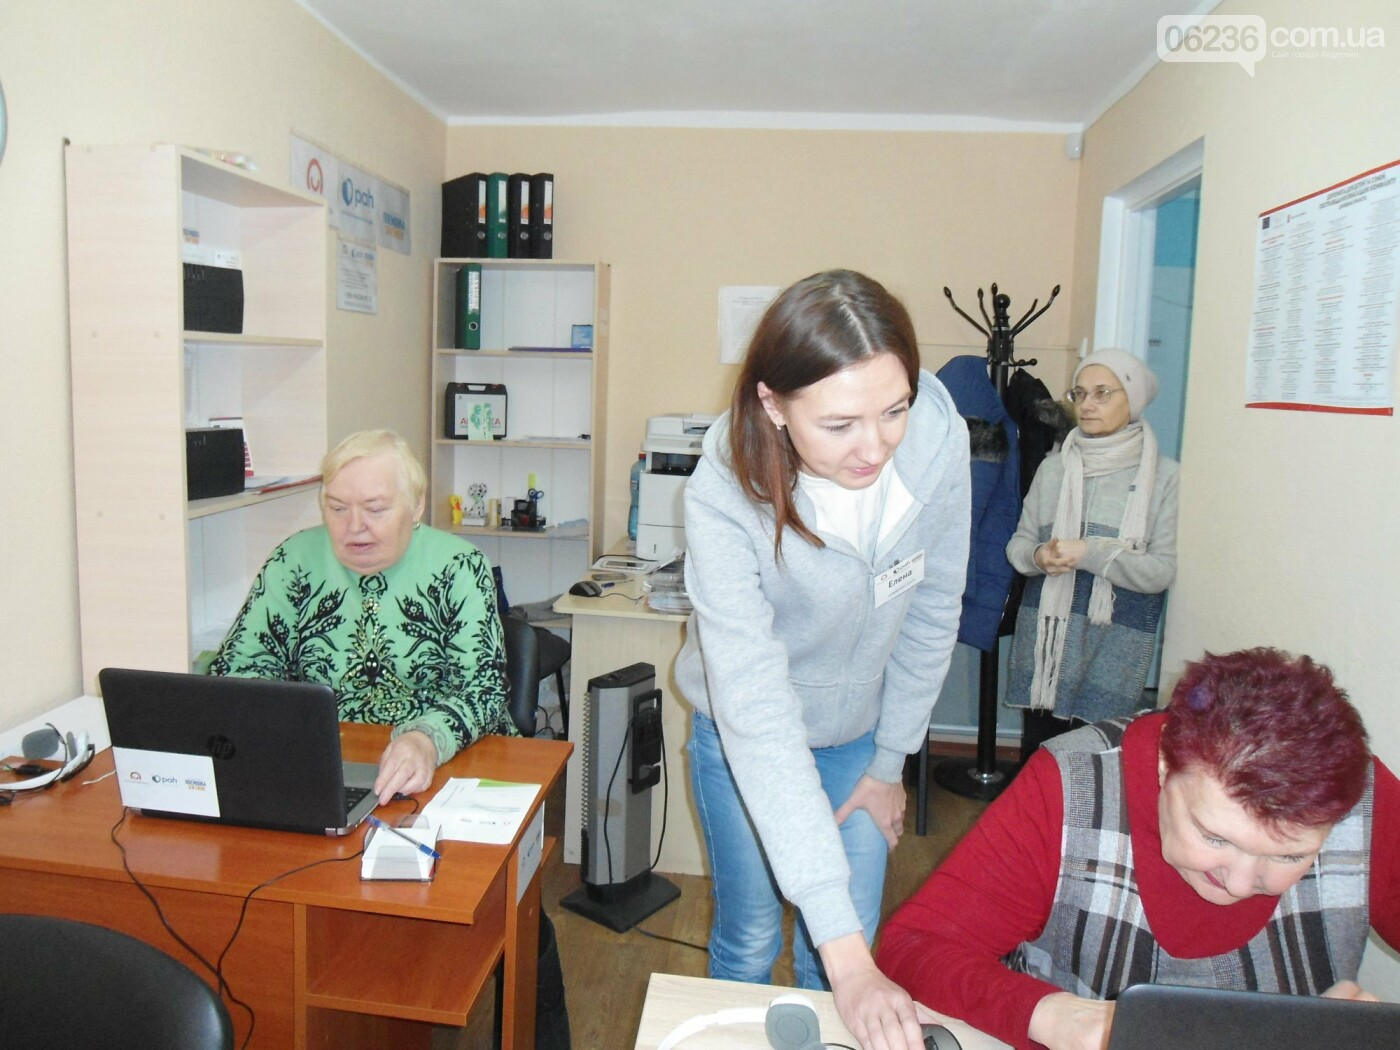 Пожилых адвеевцев обучают компьютерной грамоте (ФОТО), фото-4